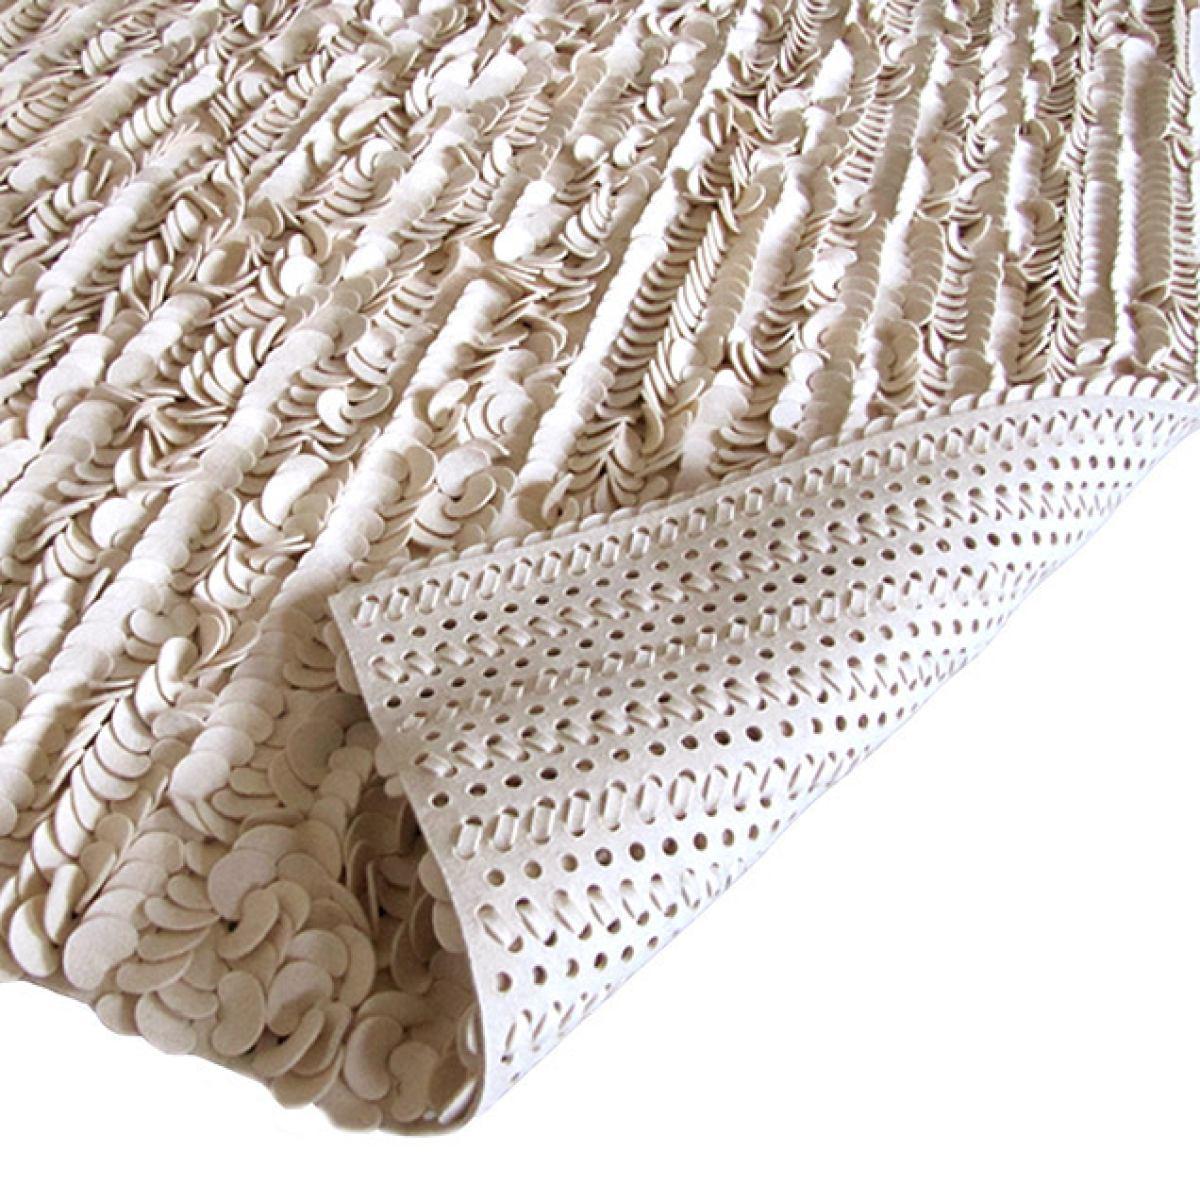 Handmade Wool Felt Rug 'Pure'